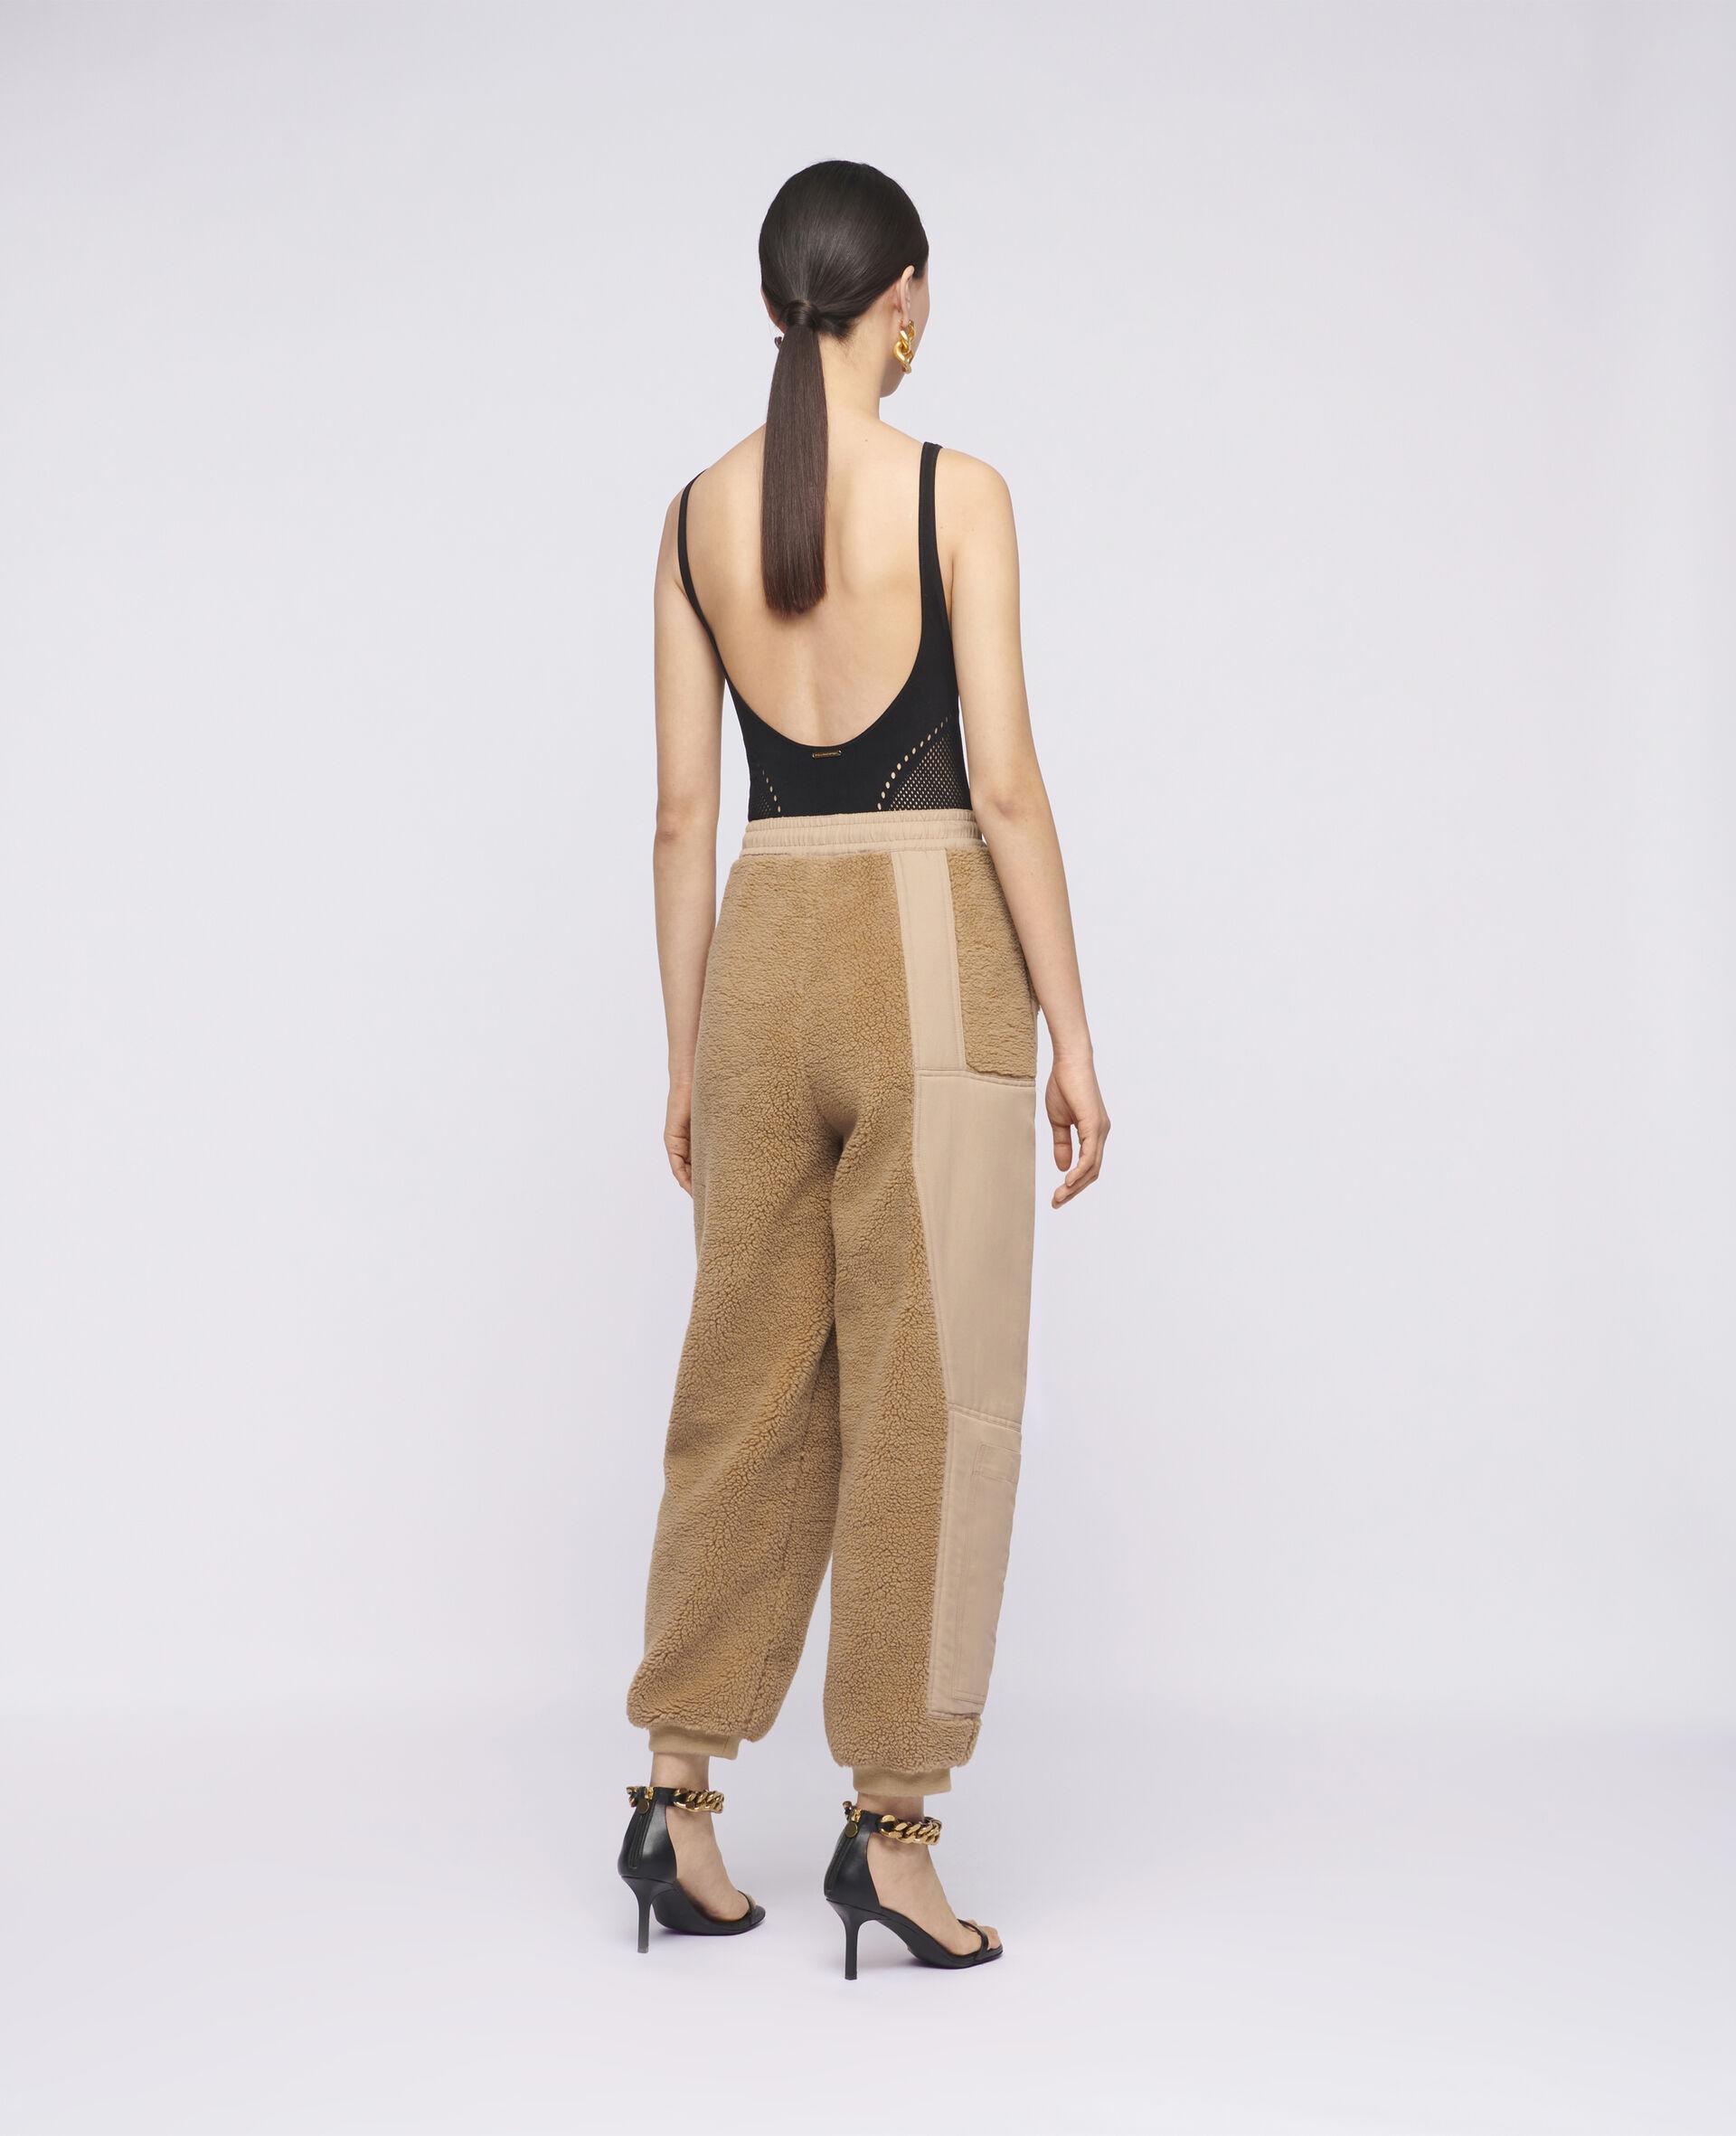 Pantaloni Kara in Teddy Mat-Marrone-large image number 2